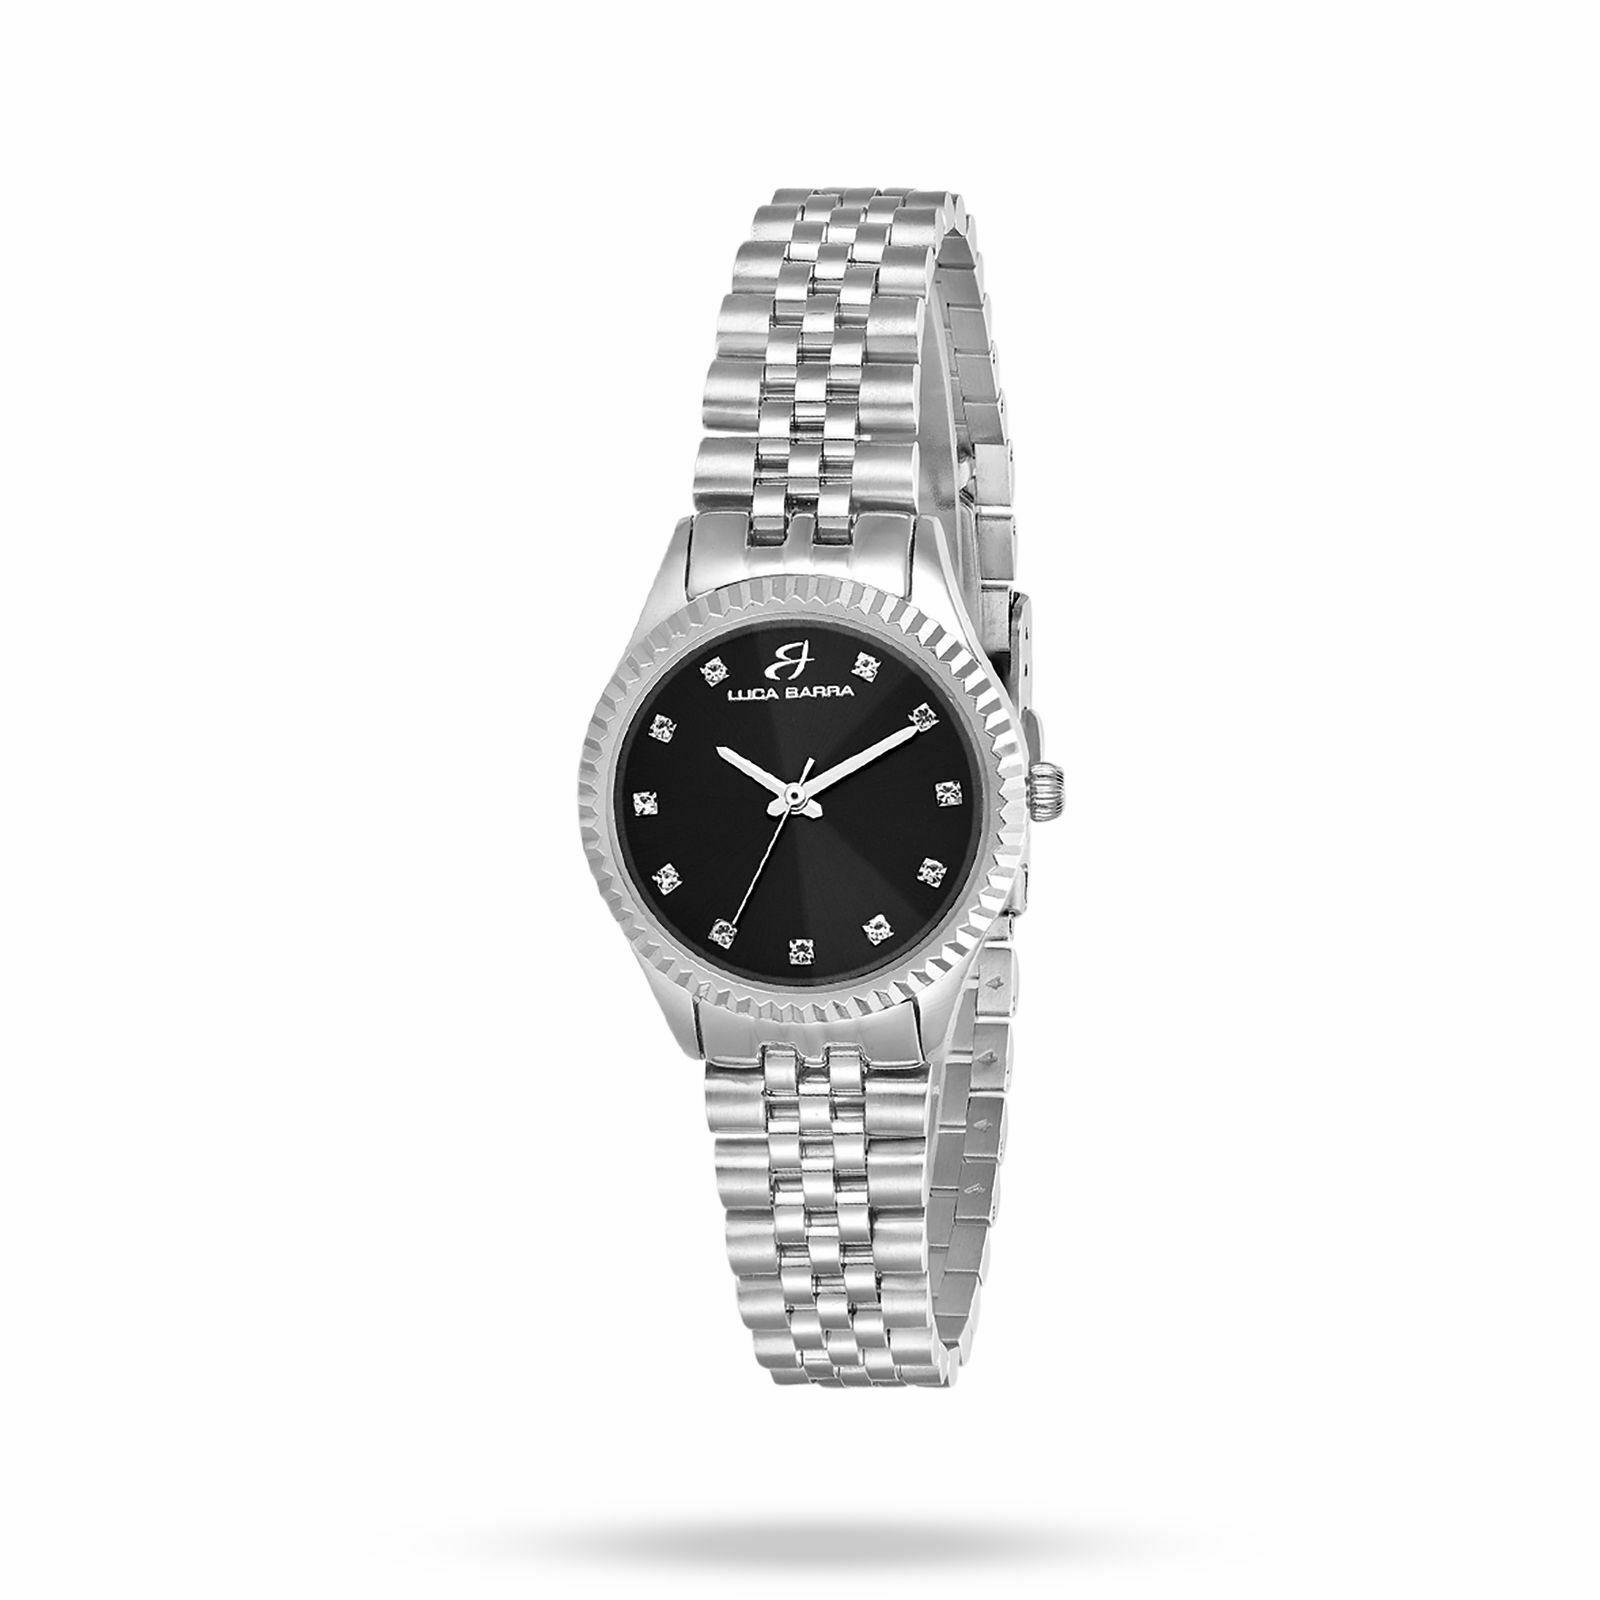 Orologio solo tempo donna Luca Barra con bracciale in acciaio cod. BW205